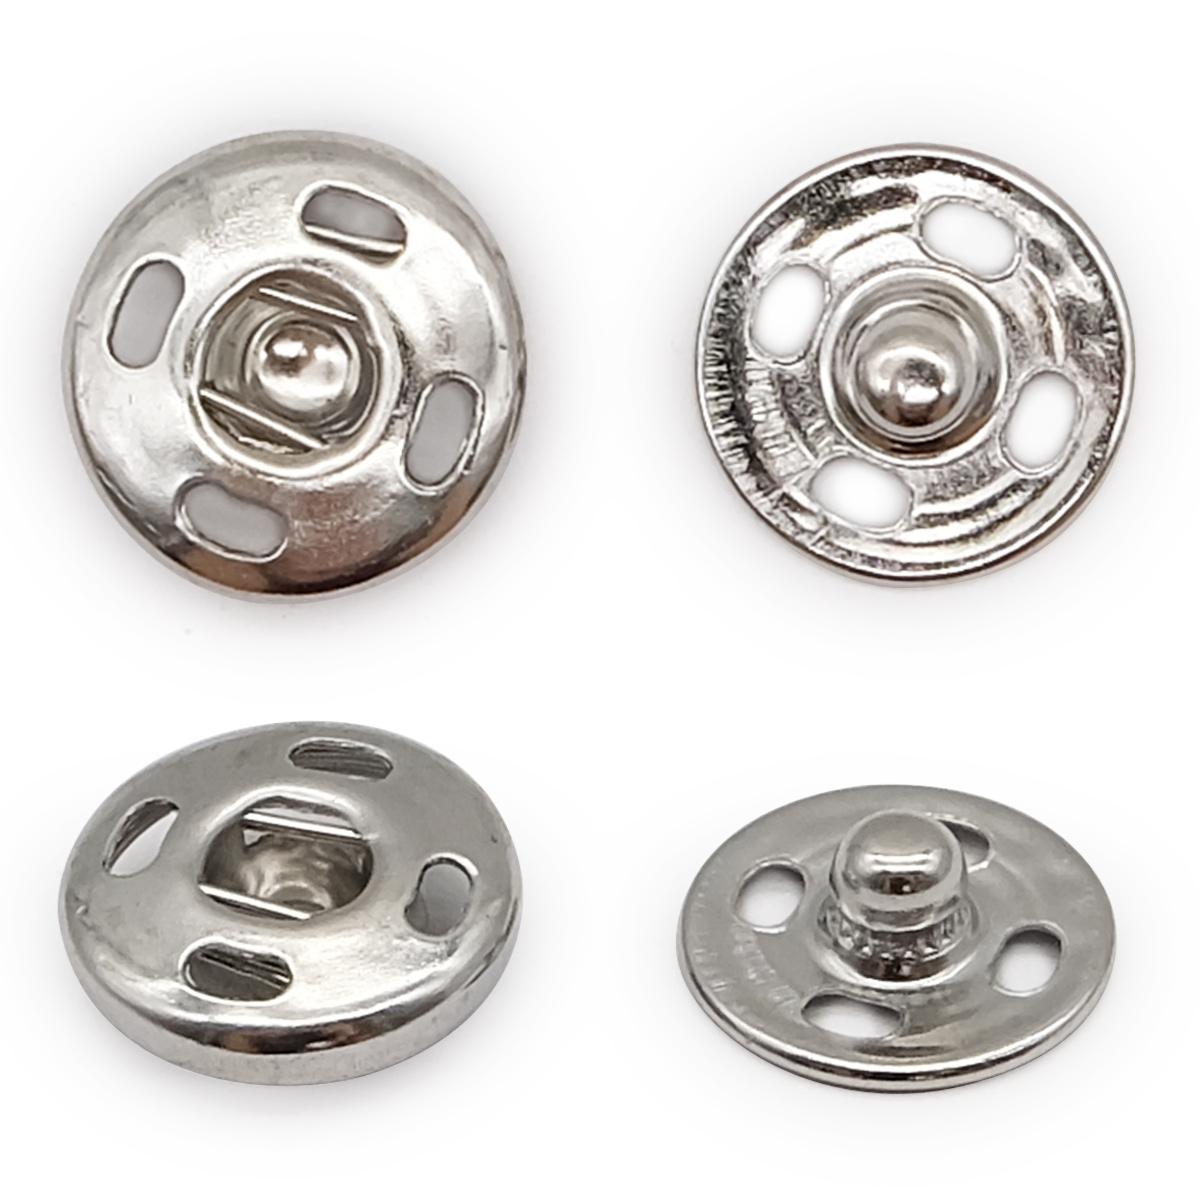 Кнопка пришивная PBM-2 мет. 12мм. ник. (36шт.) Кф (0300-5100)